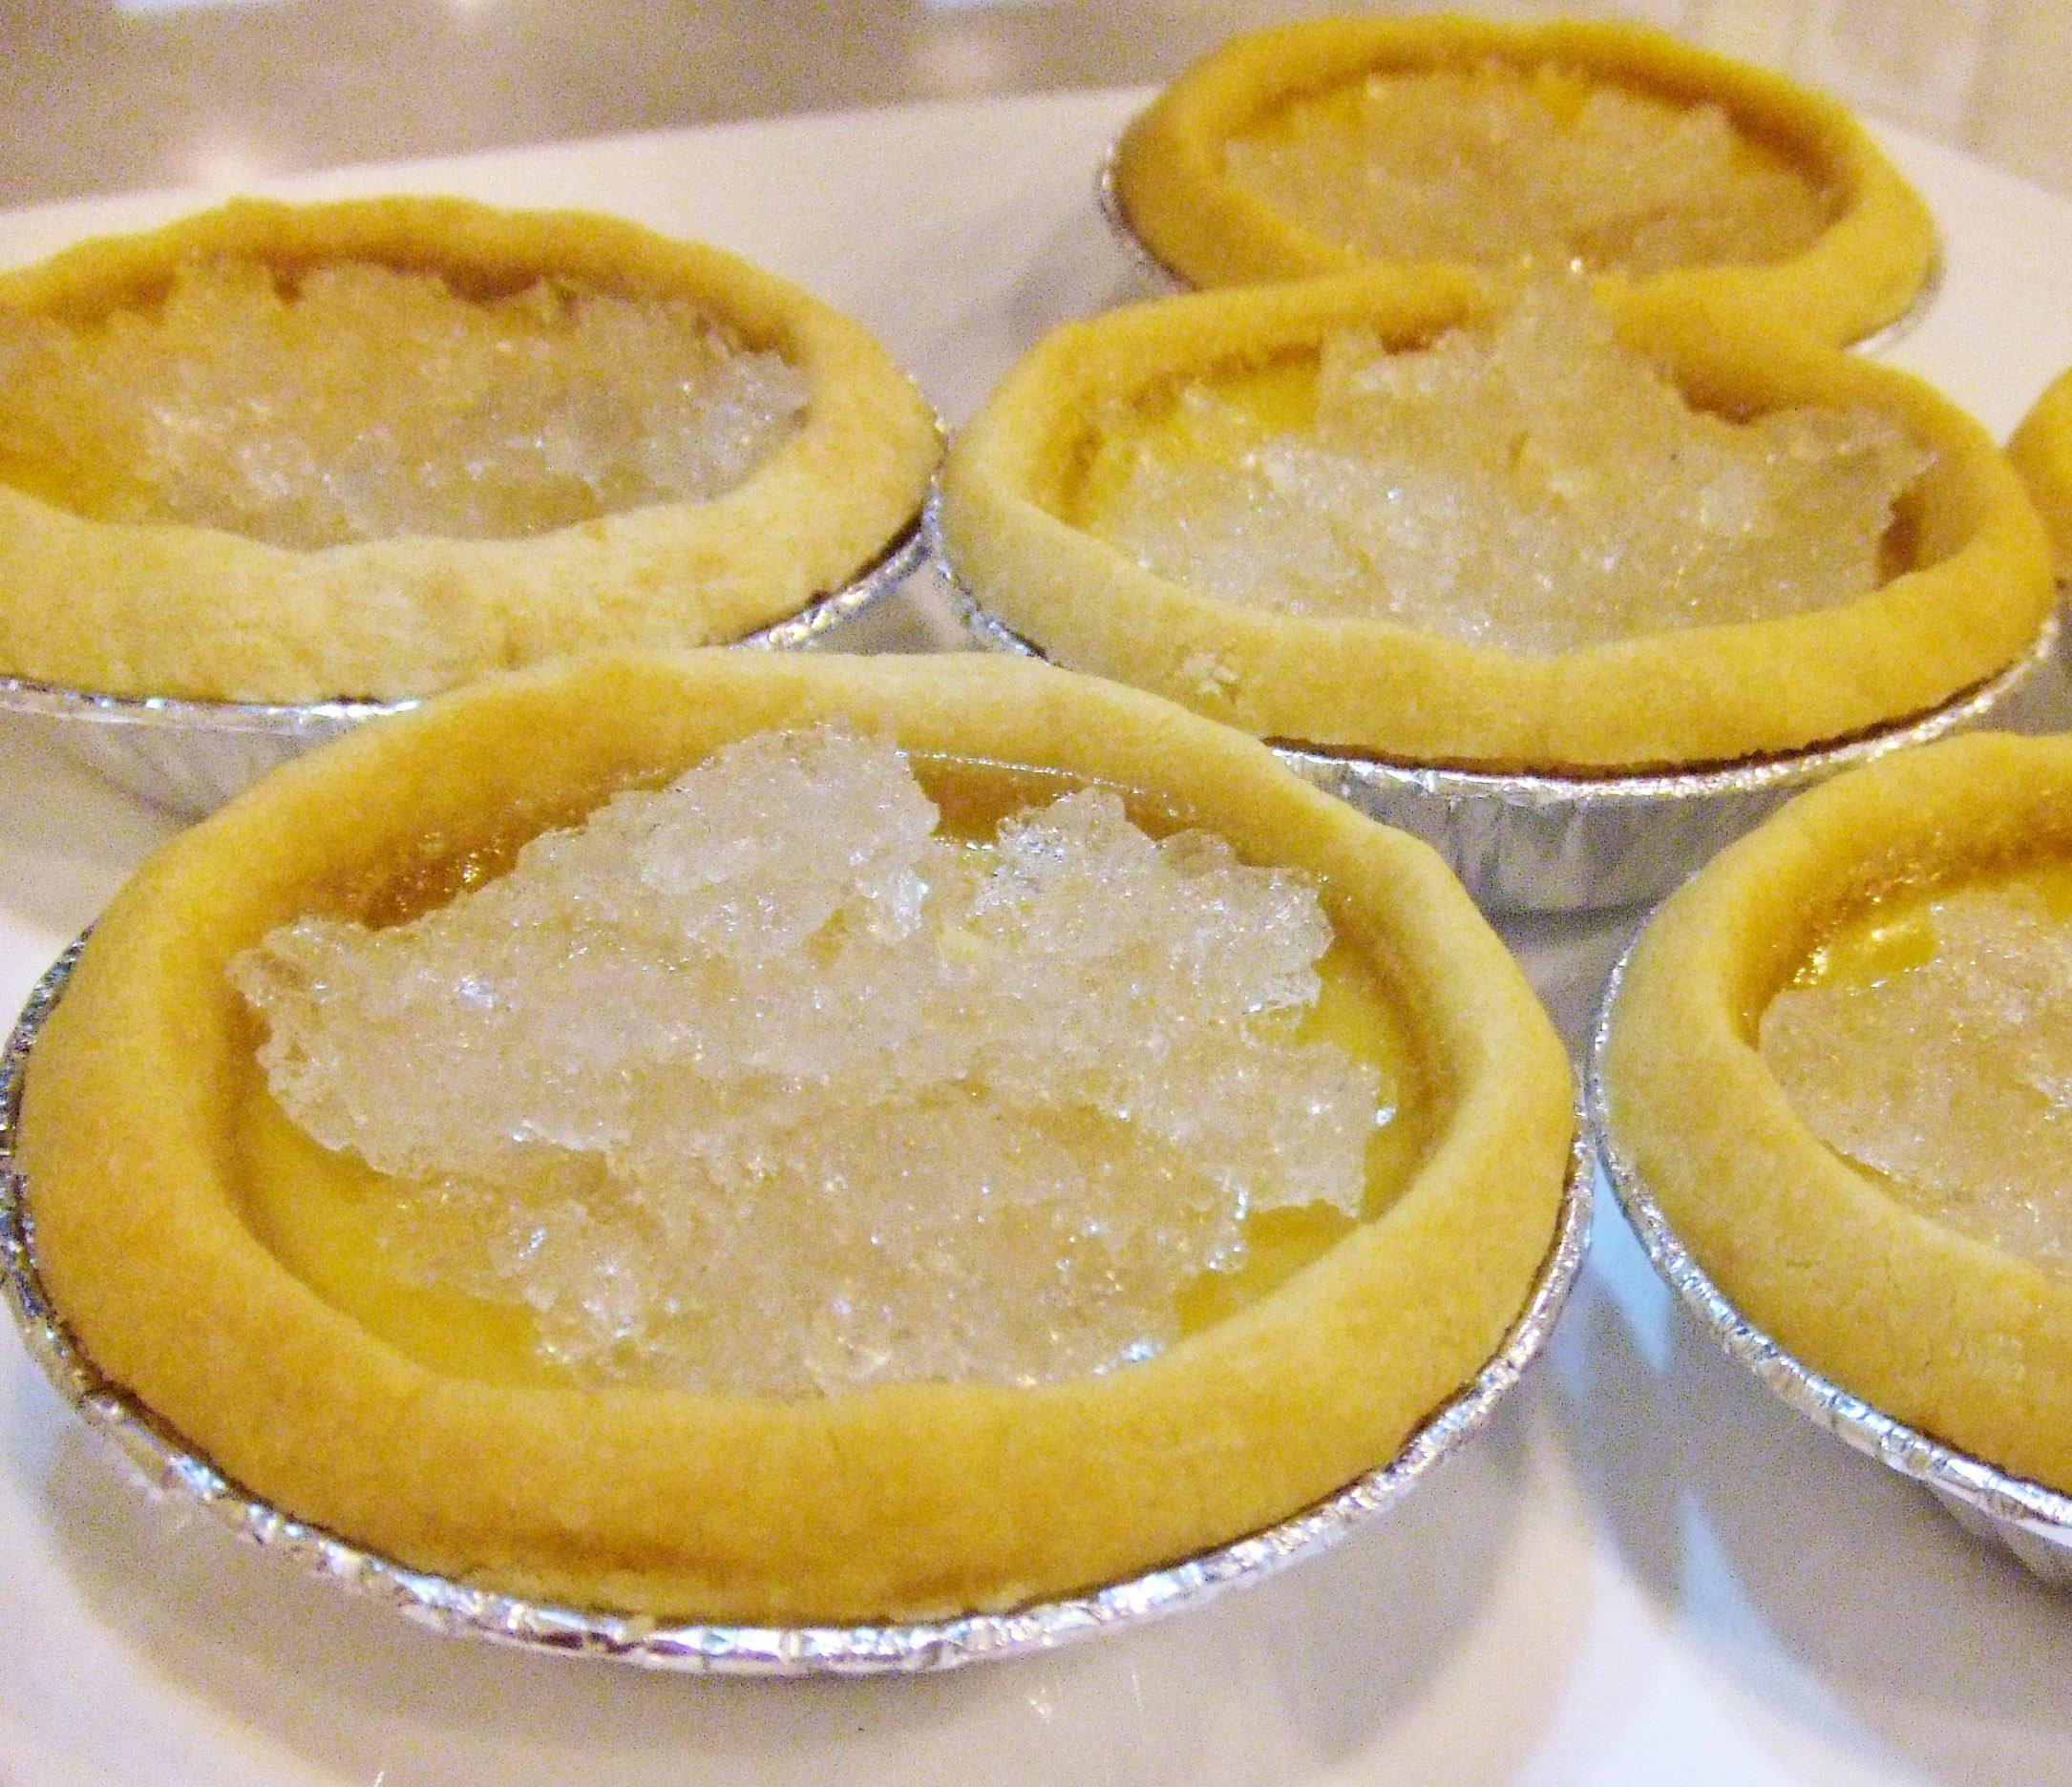 世界美食大师:高贵蛋挞、点心